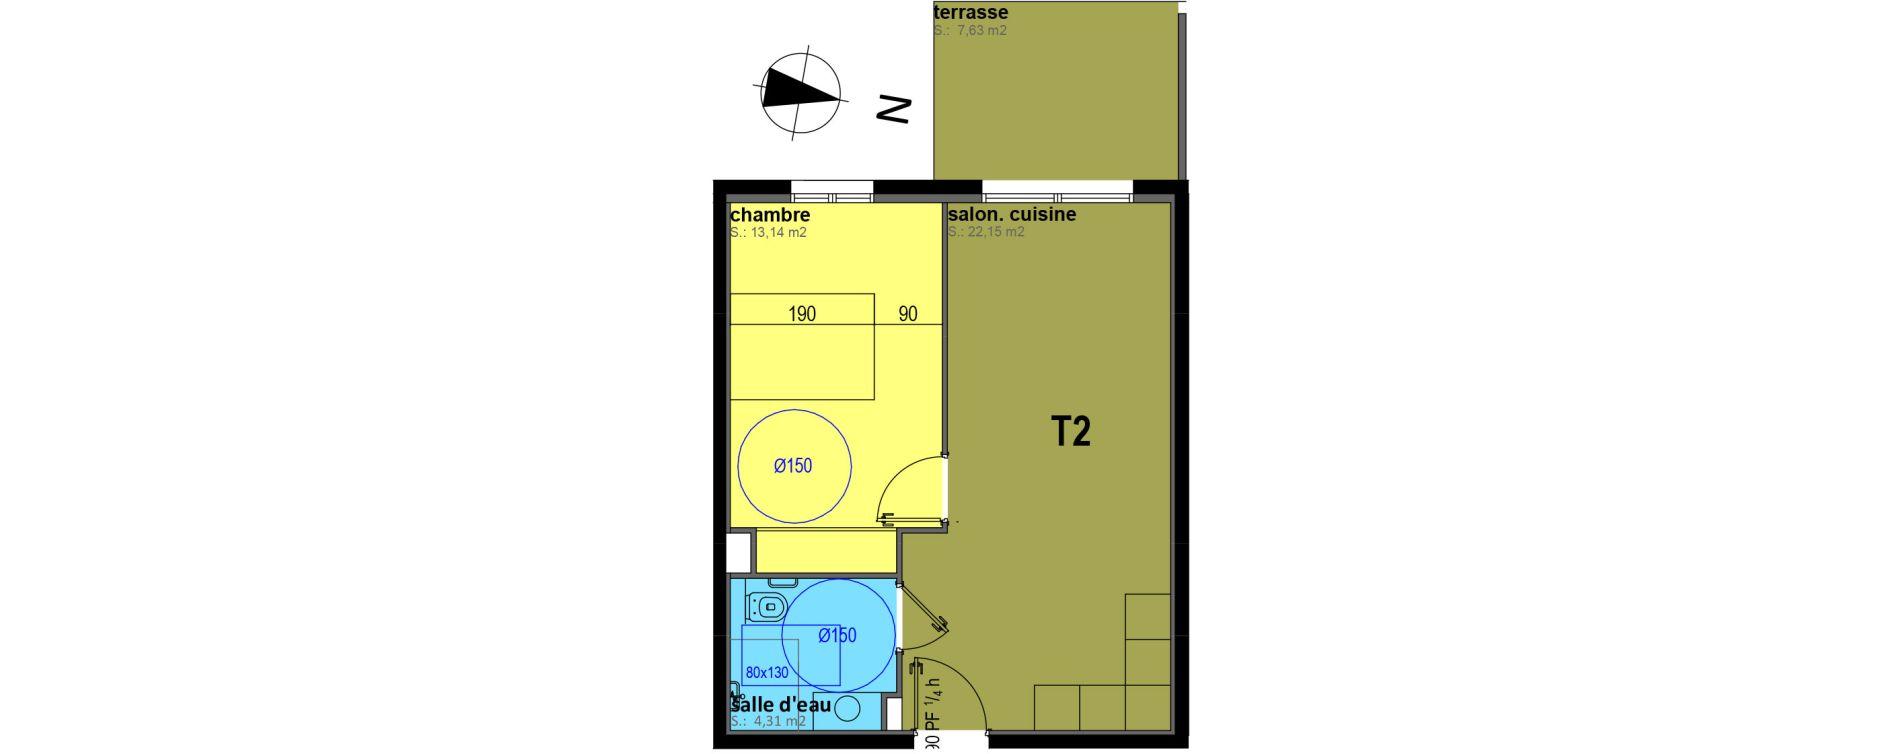 Appartement T2 meublé de 39,60 m2 à Sari-Solenzara Centre